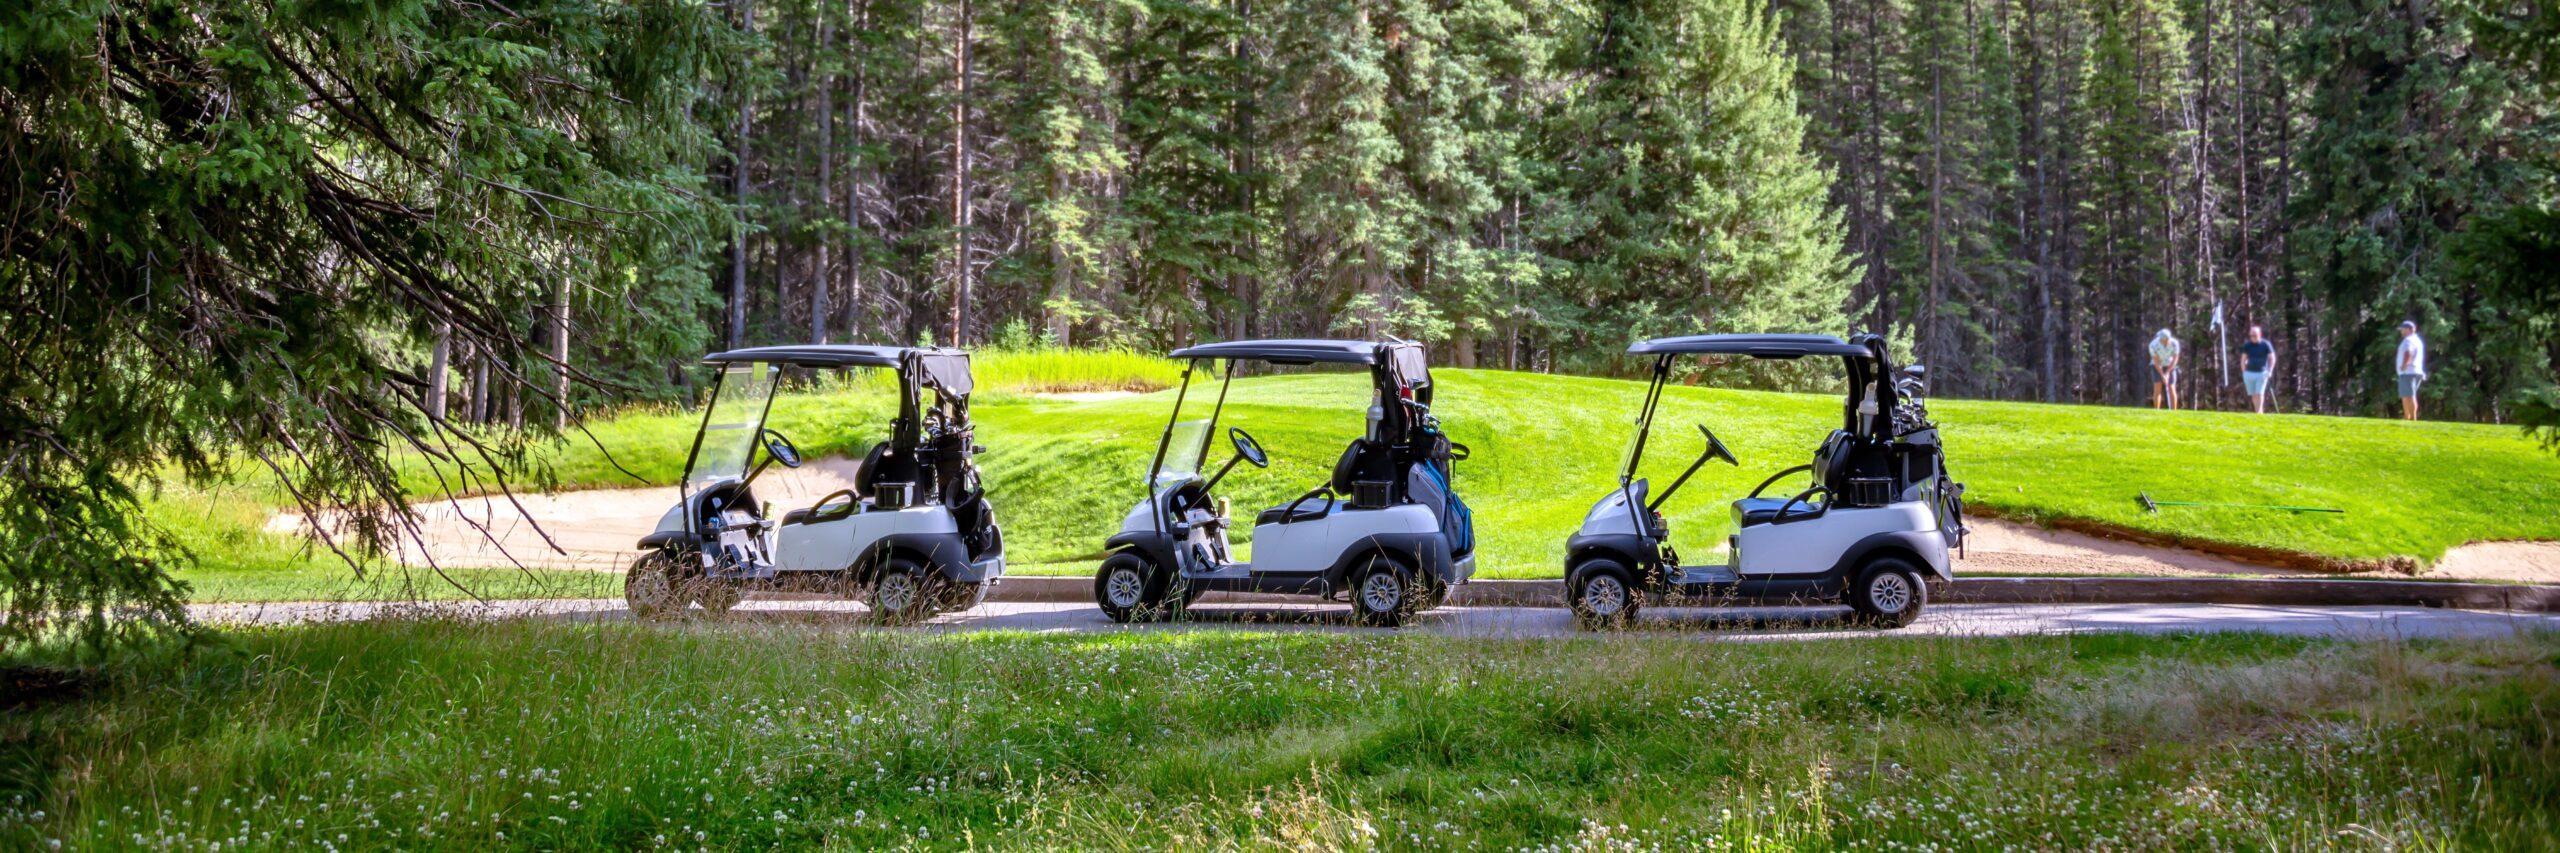 Club Car Golfing